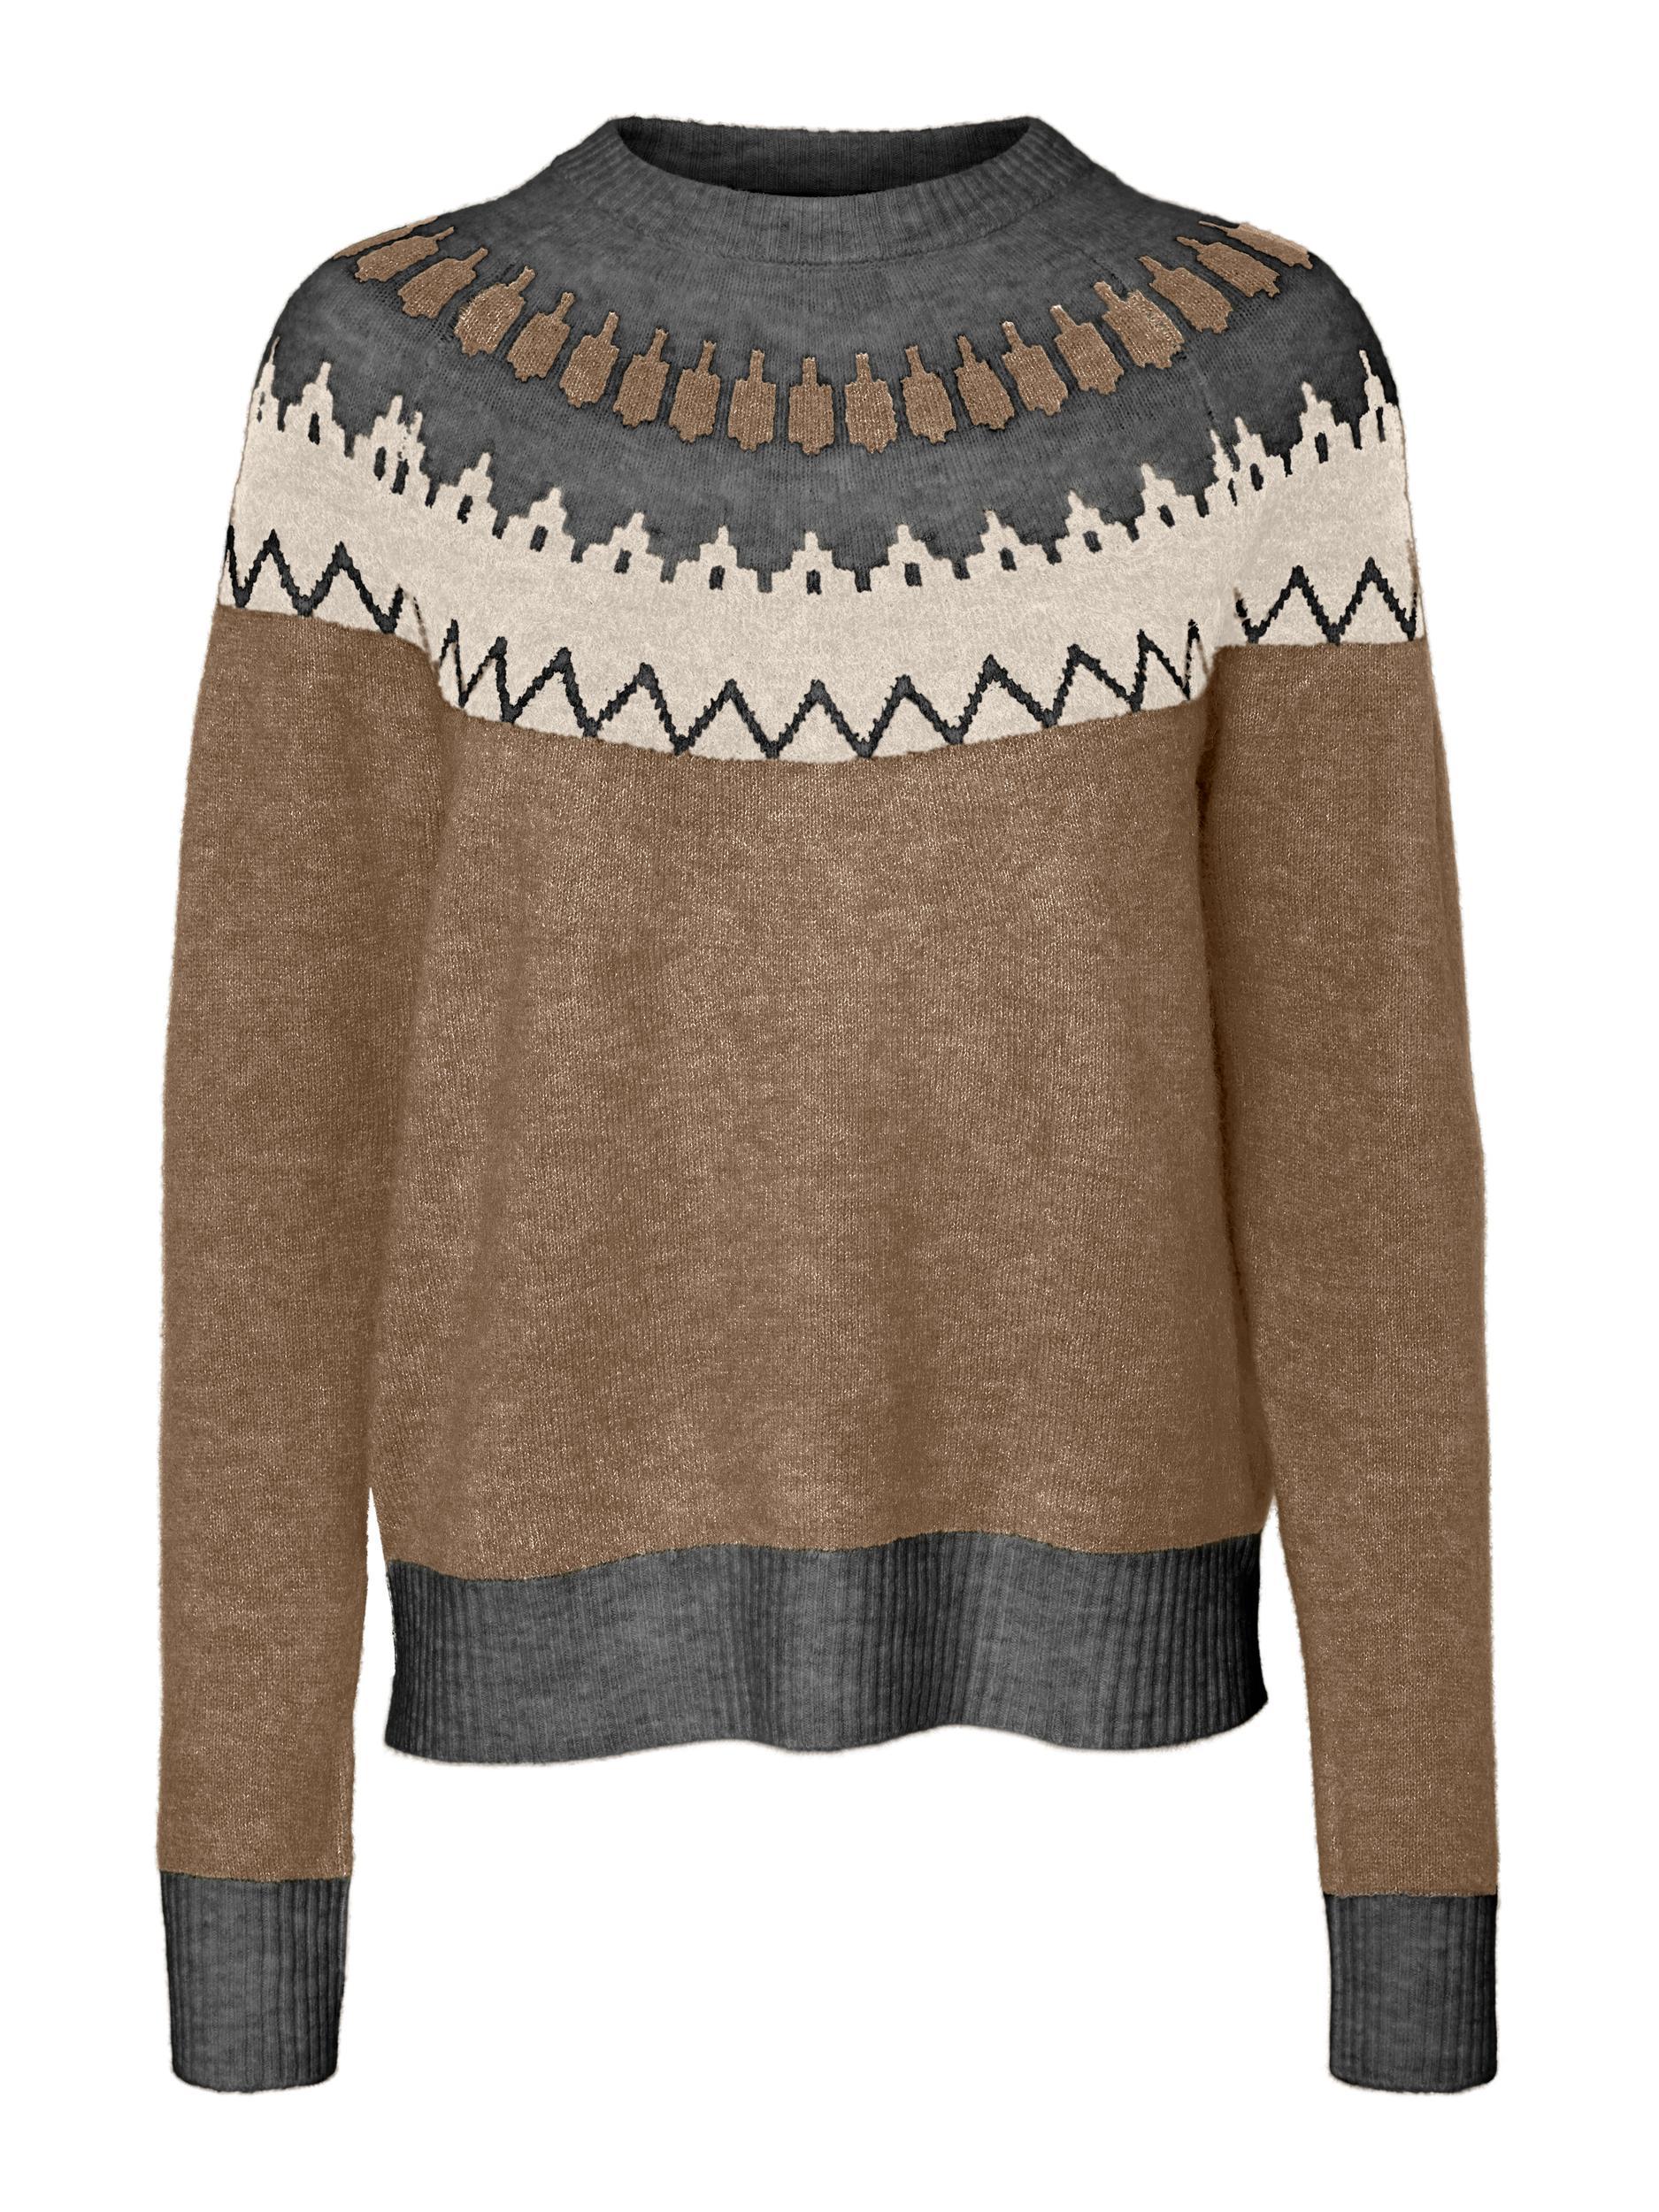 Vero Moda Simone Nordic bluse, sepia tint, small